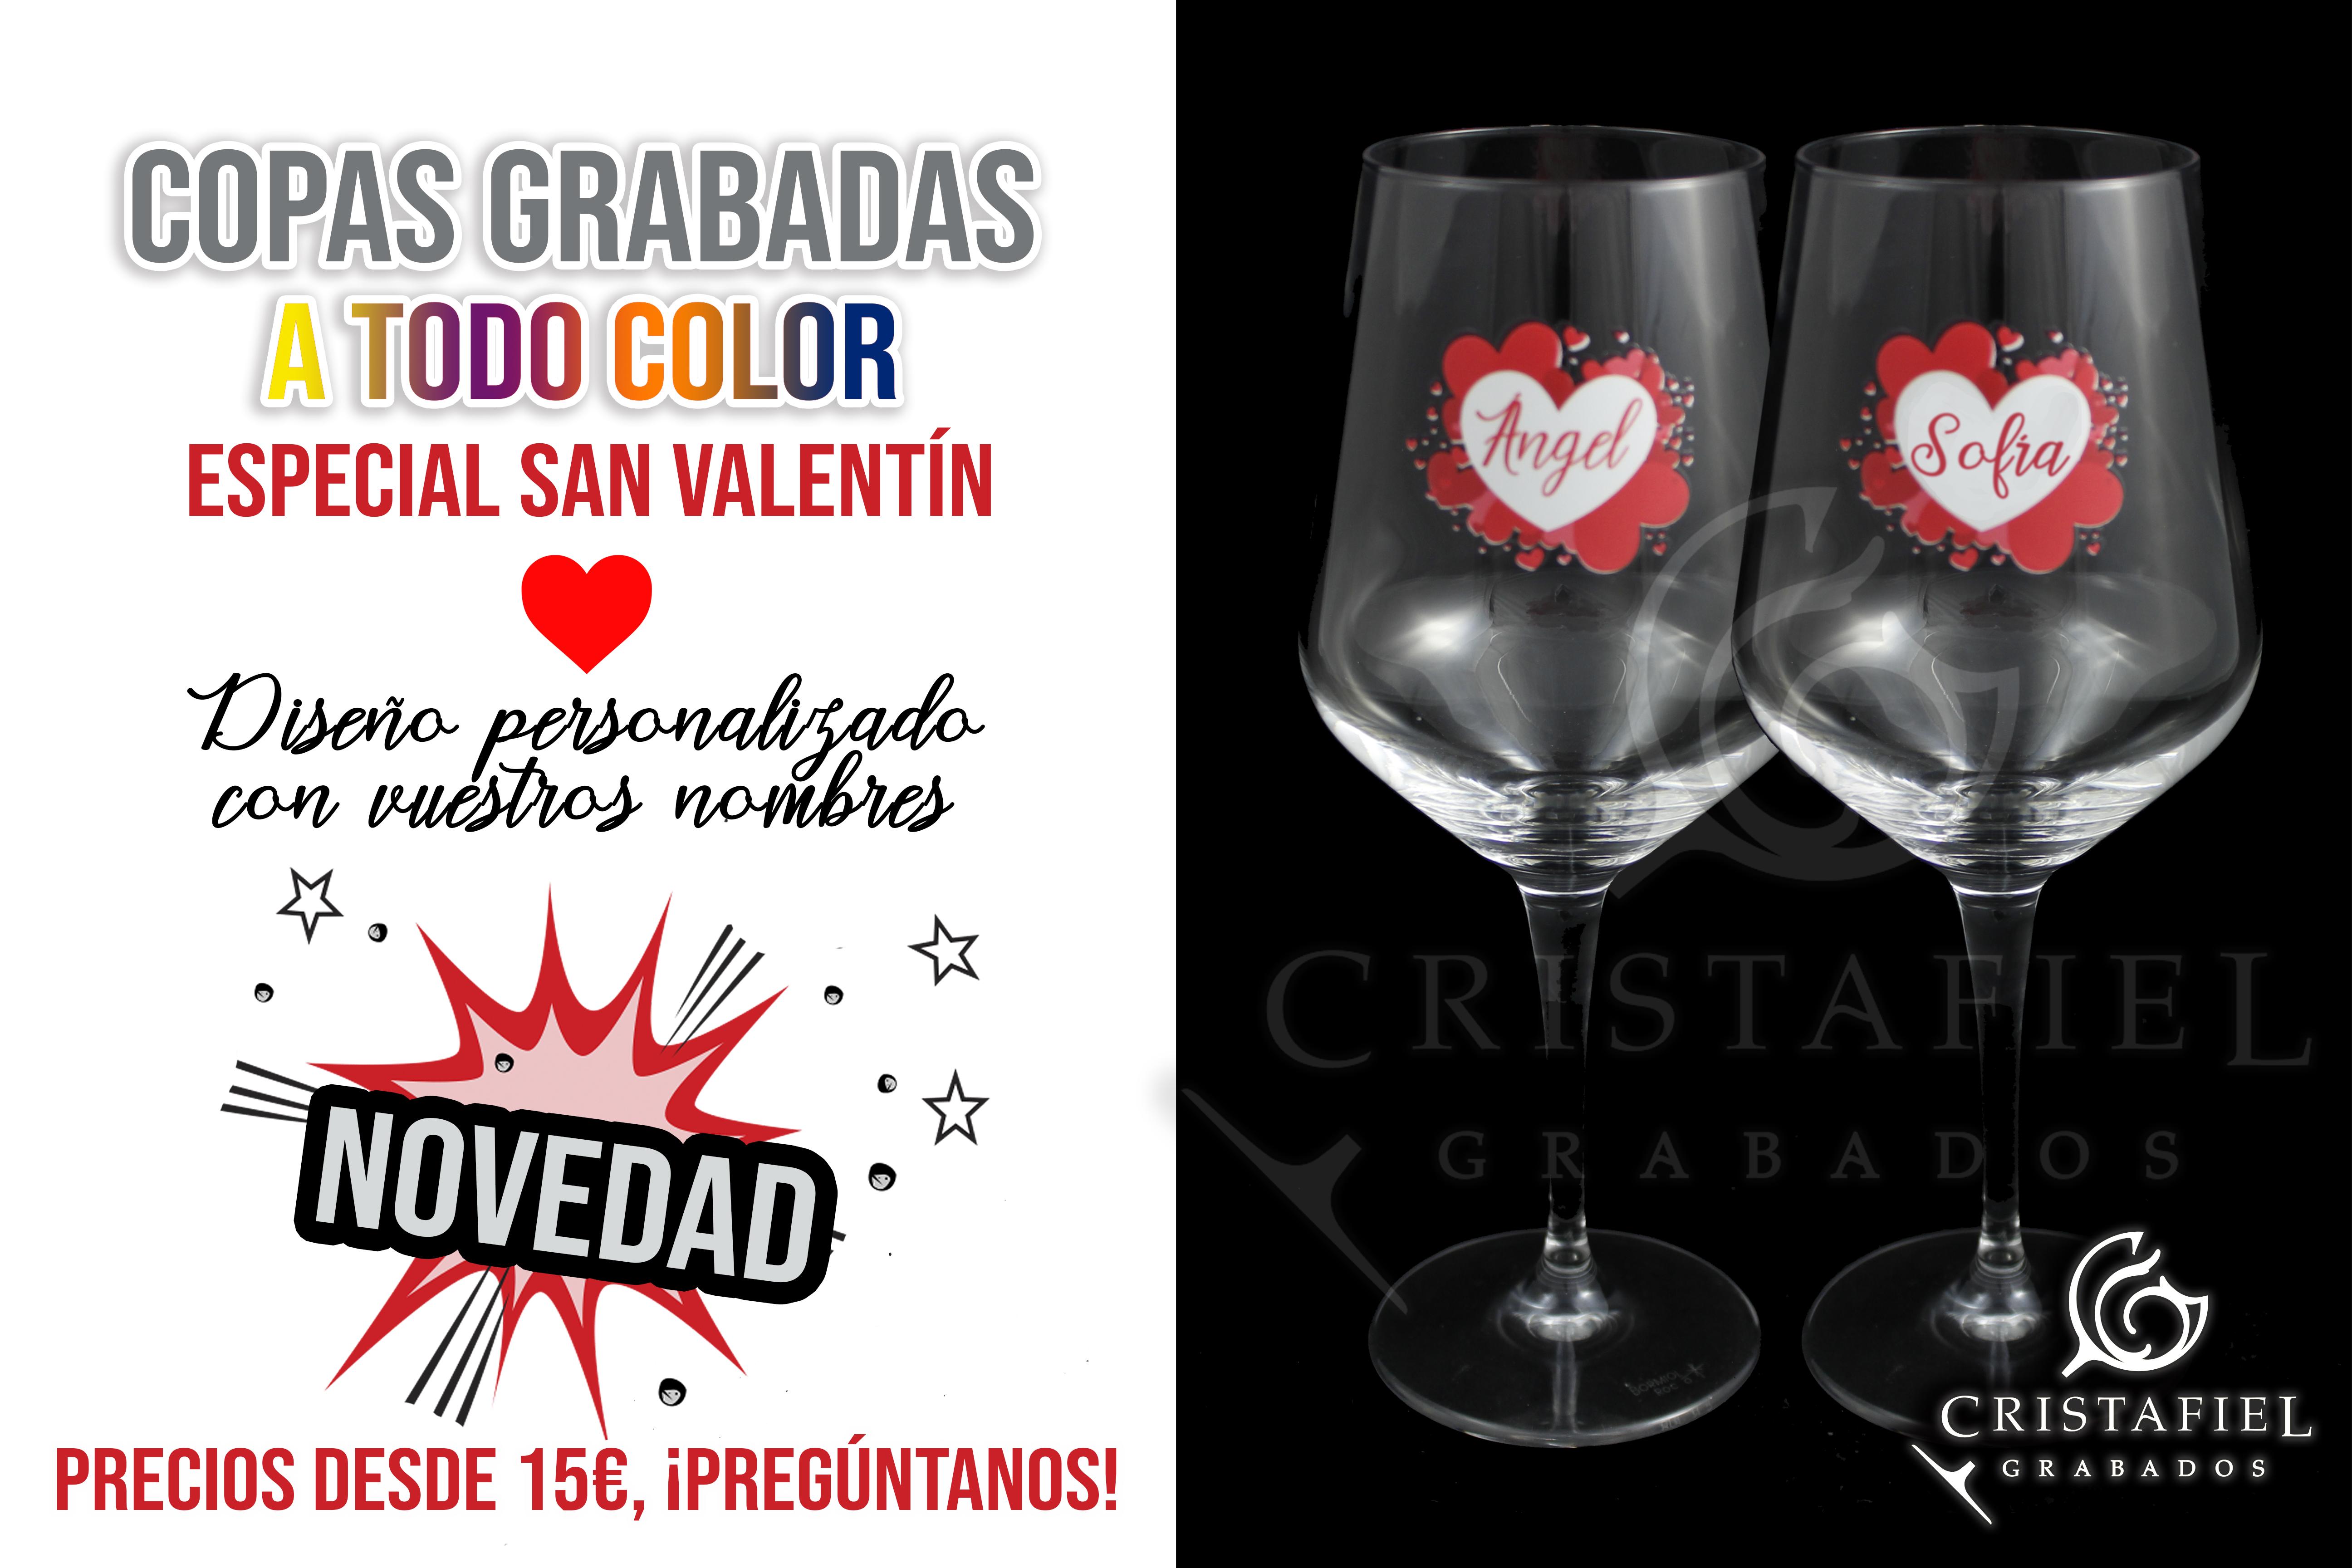 ¡Grabados a todo COLOR por San Valentín!